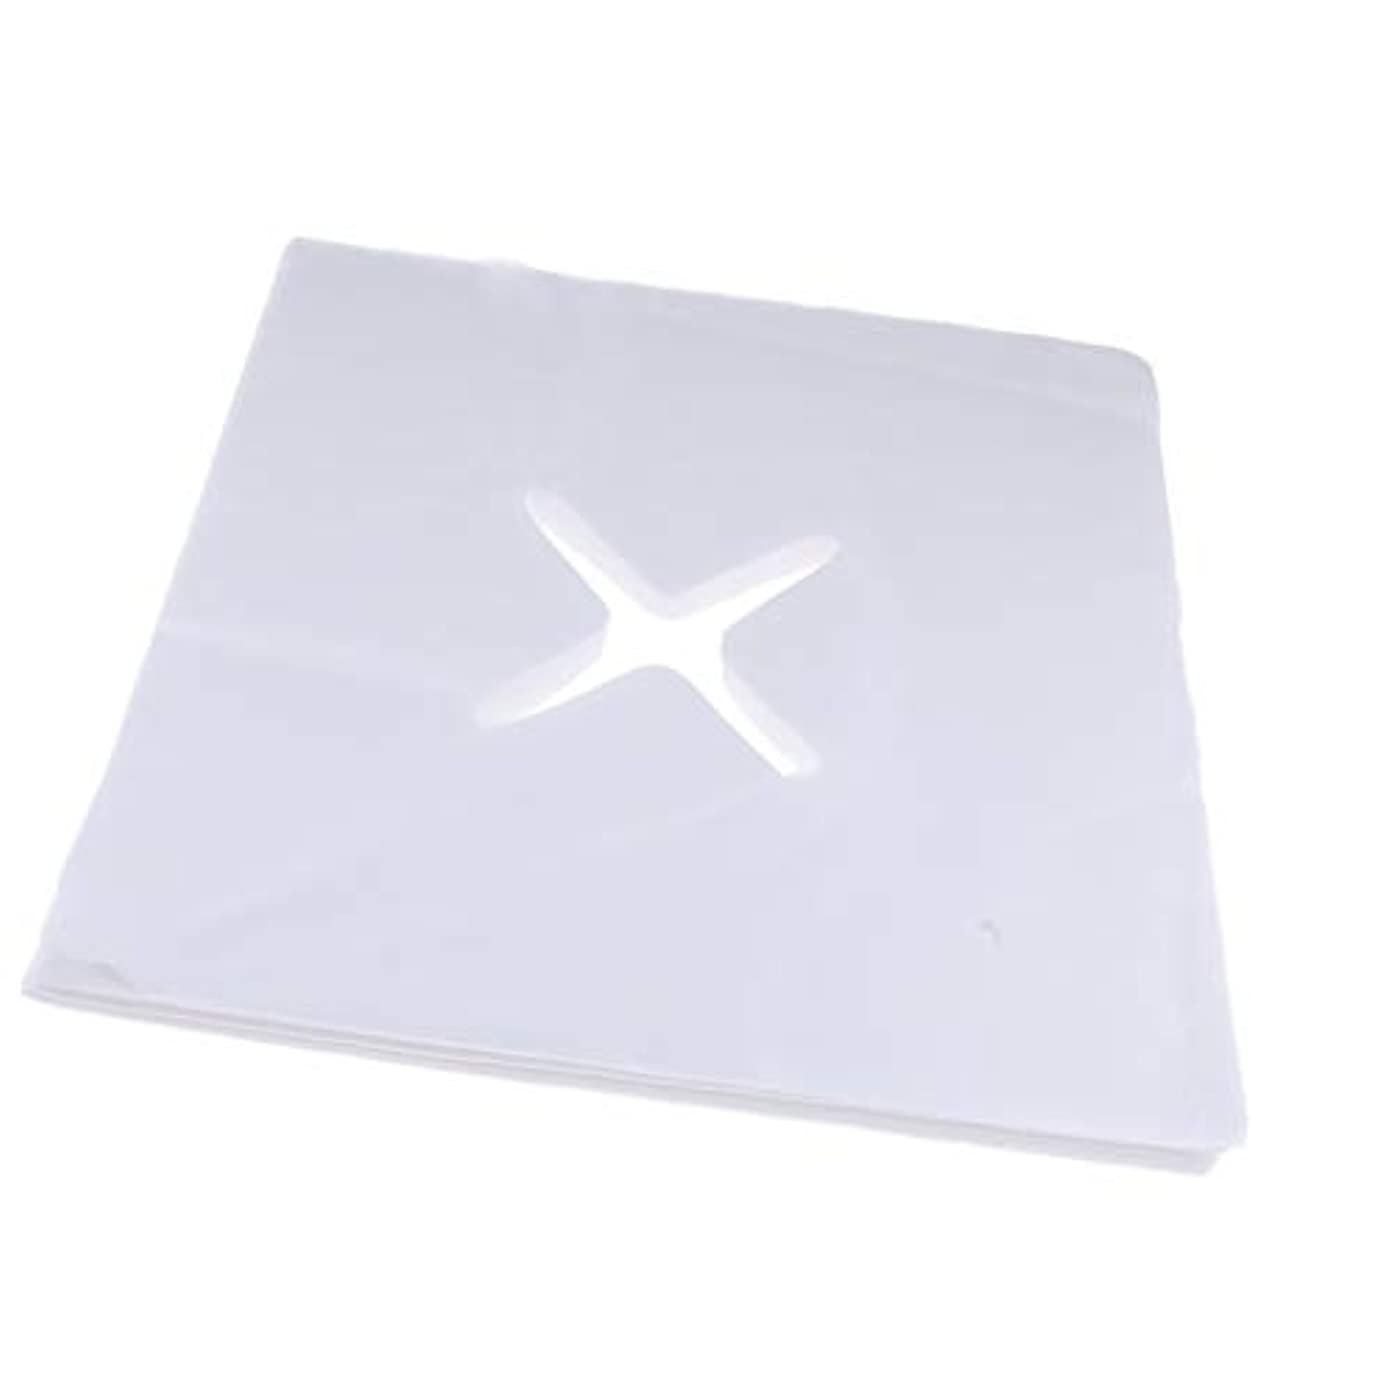 豆腐不良頼む約200枚 ピローシート 十字カット 使い捨て フェイスカバー 不織布PP クッション S/M - S